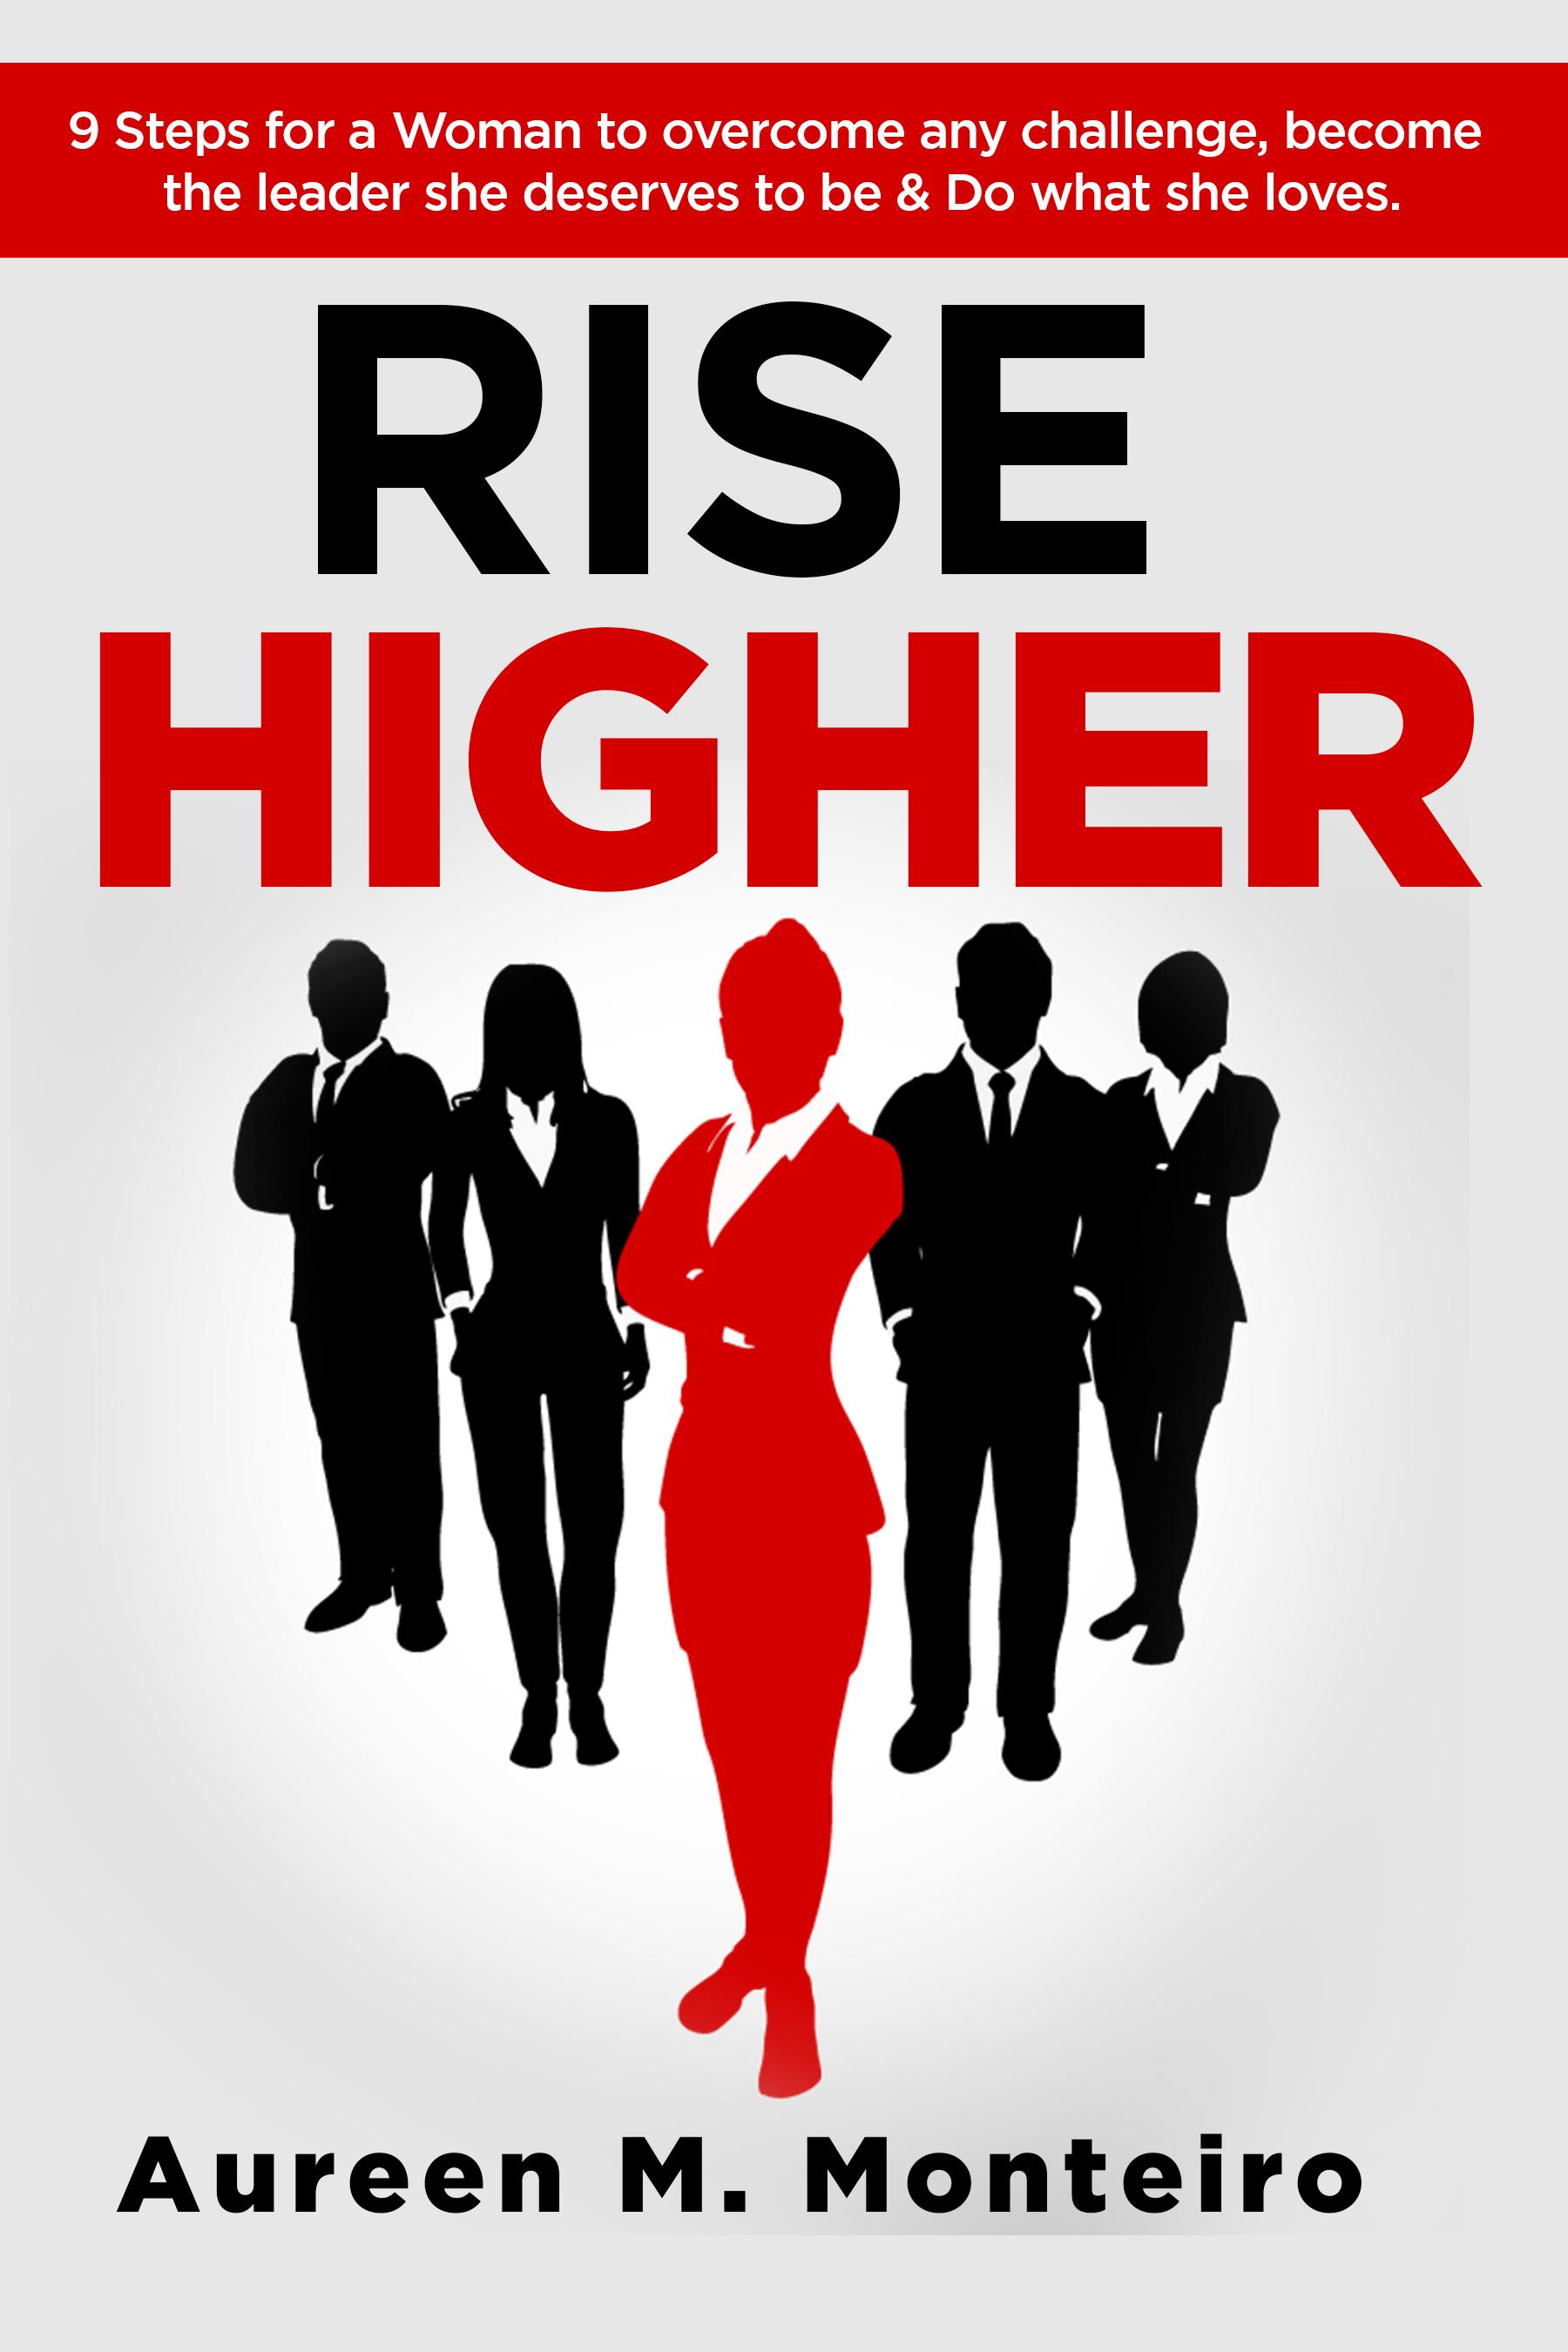 RISE Higher Book